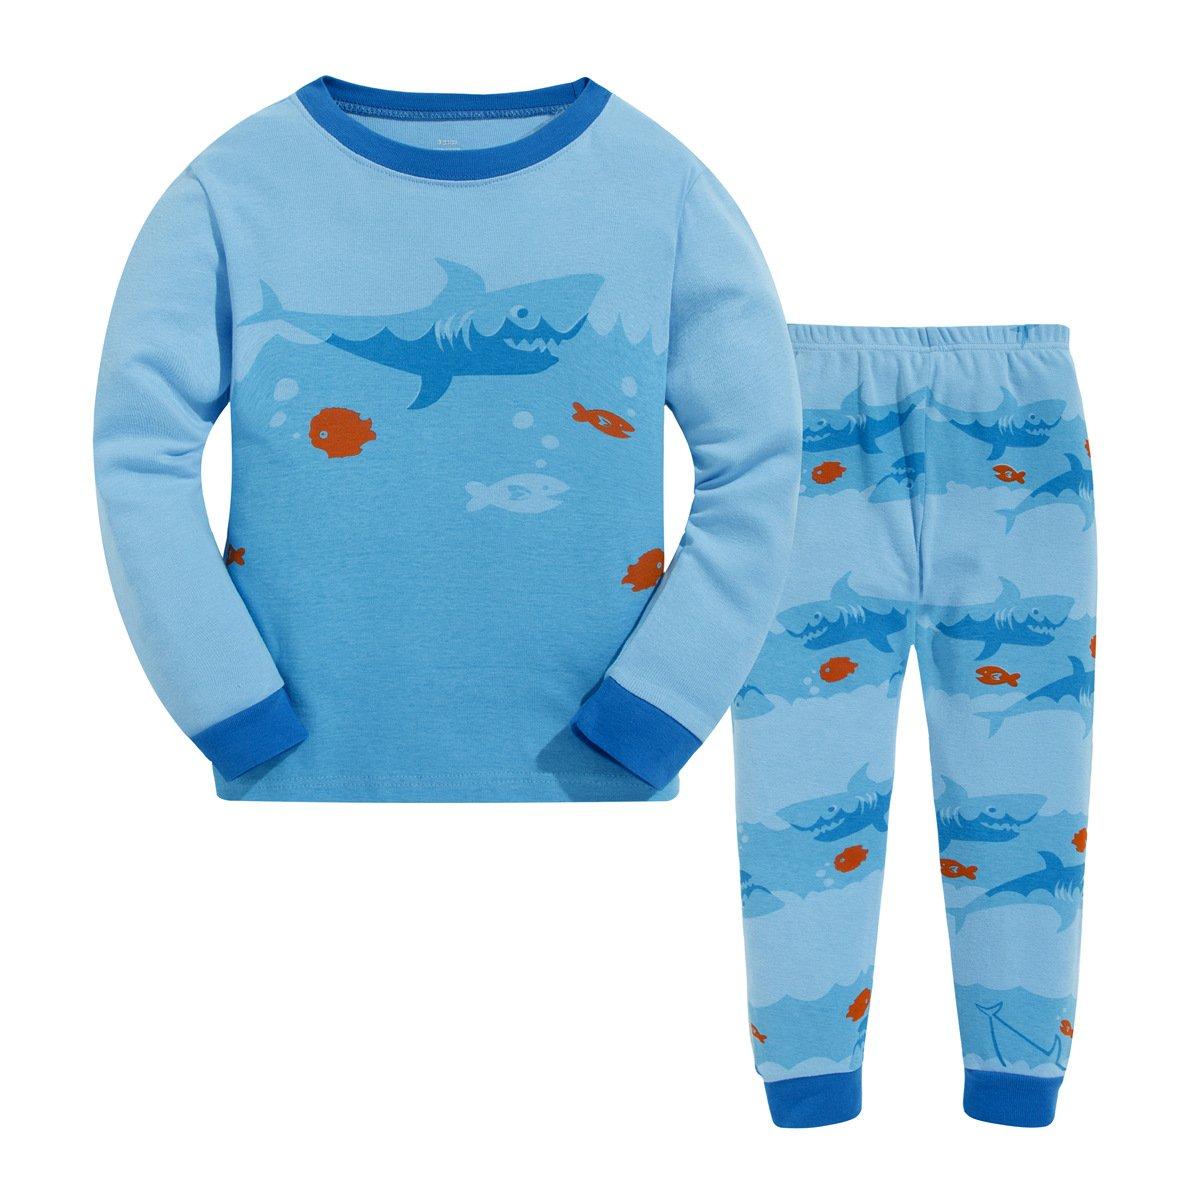 憧れ masonanic幼児/キッズ男の子キュートBig Sharkパジャマセット100 %コットン2 6t – 8歳 8歳 B06XPDBM3L 6t B06XPDBM3L, ヘキナンシ:2686e22f --- a0267596.xsph.ru